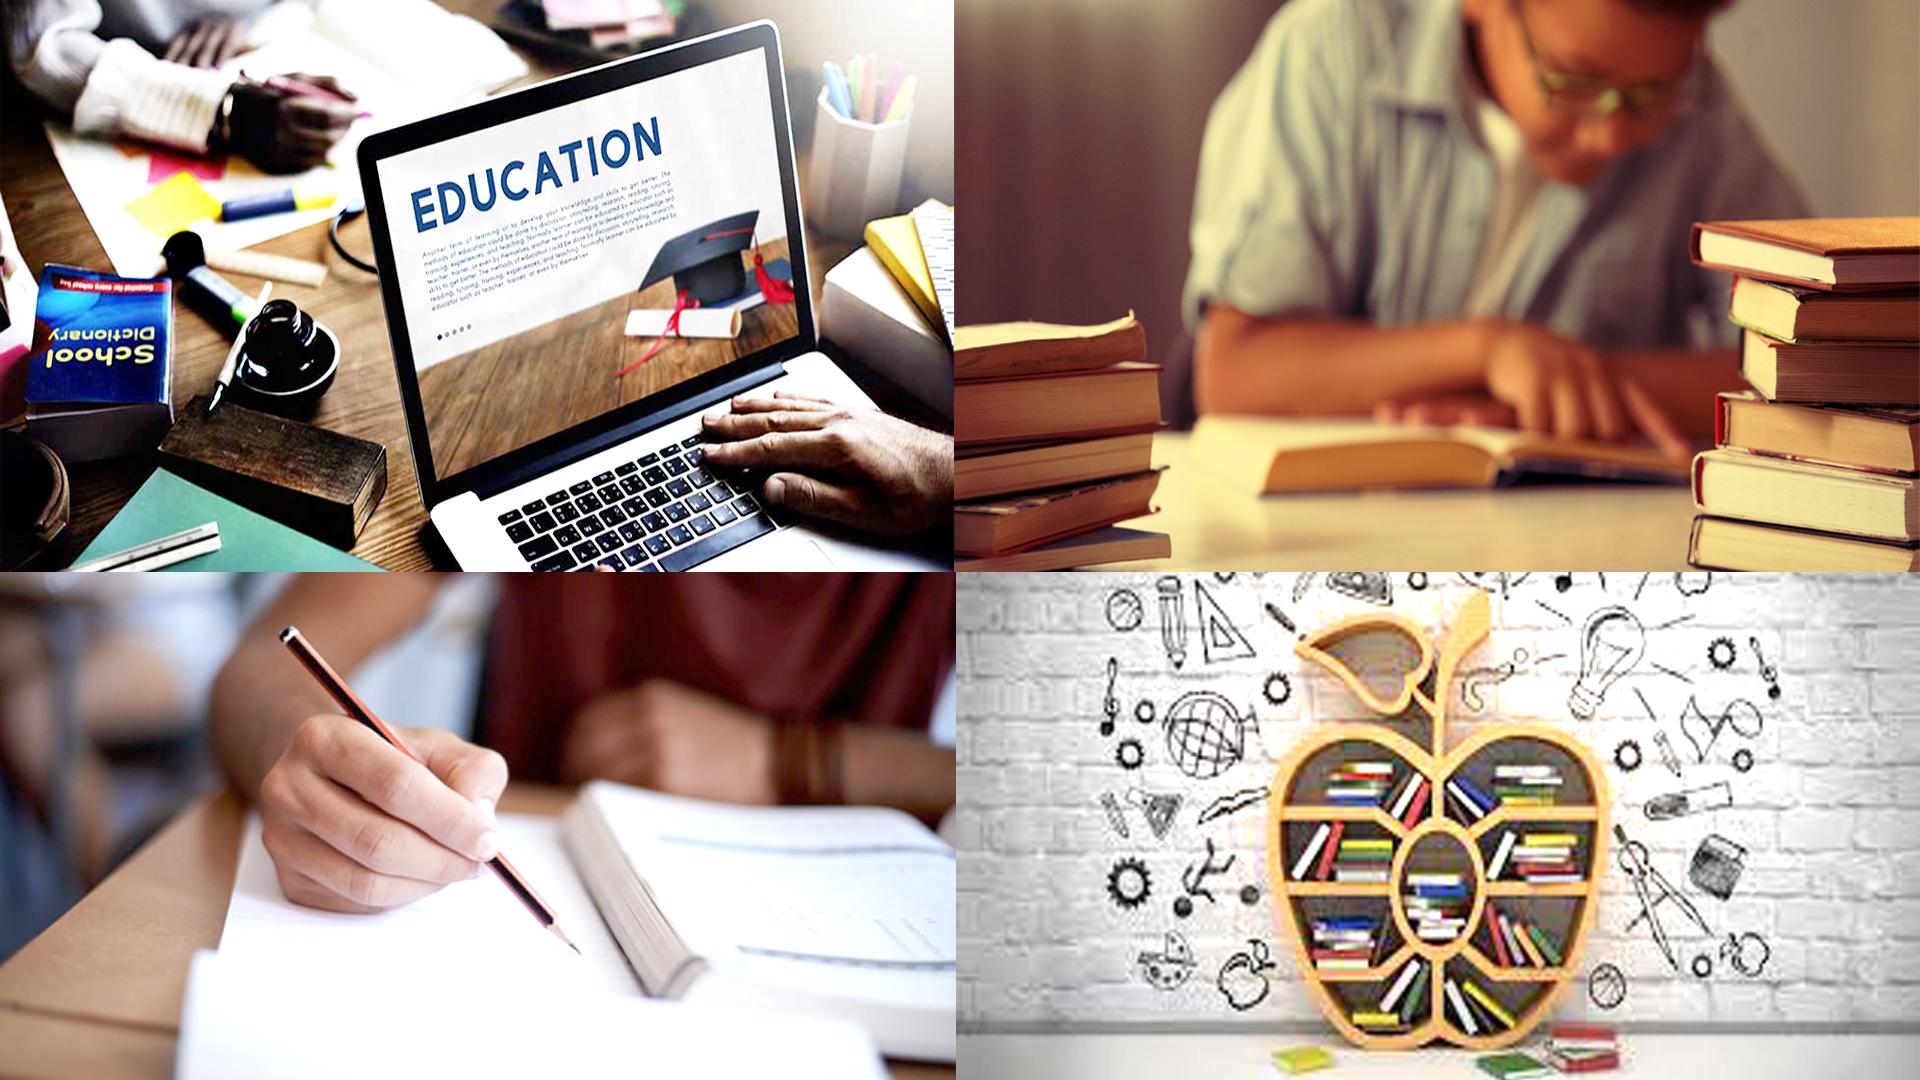 آموزش مفید از وب سایت و مجله وکتاب